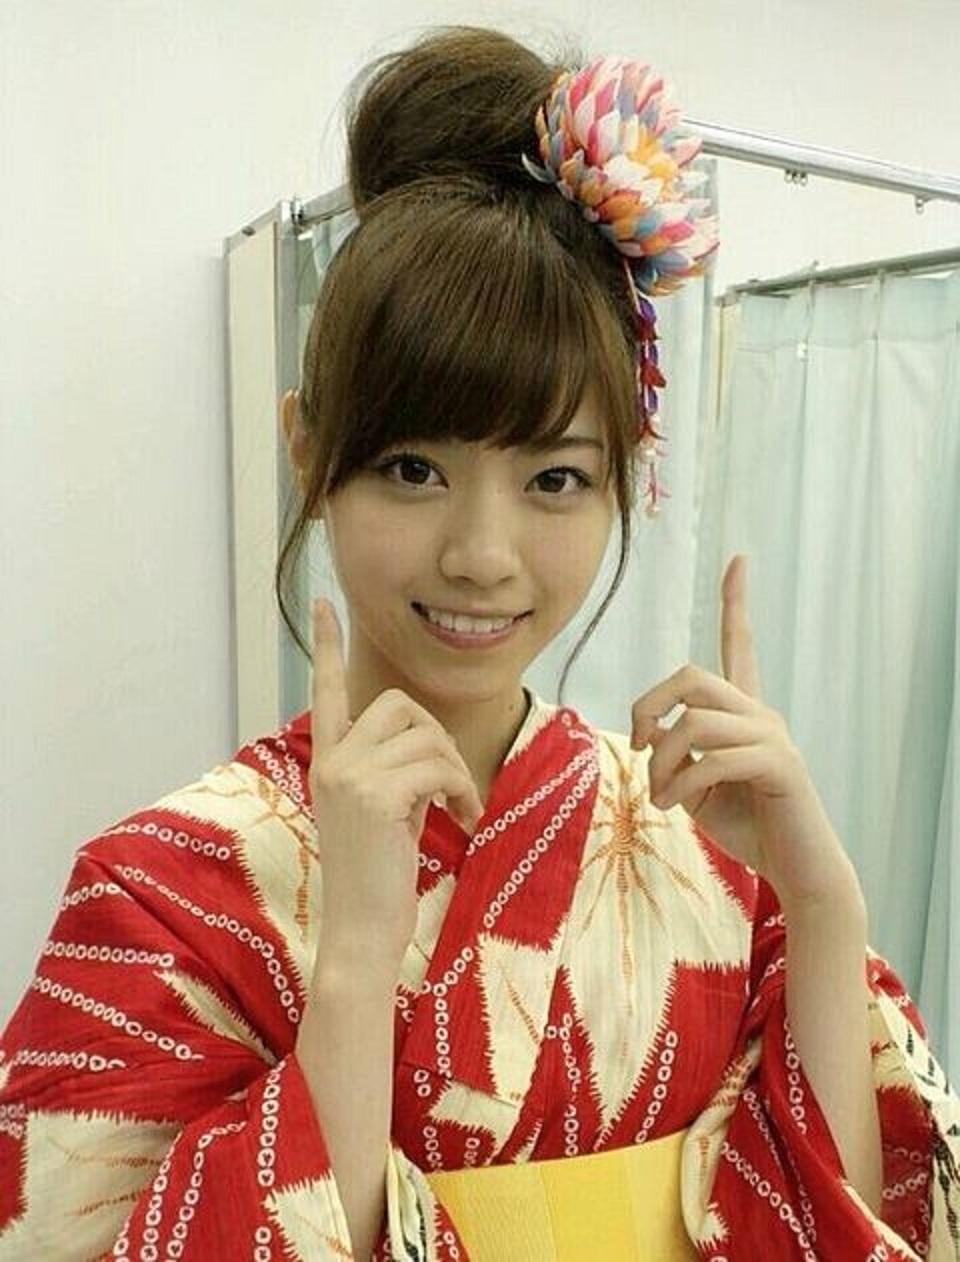 nishino_nanase087.jpg